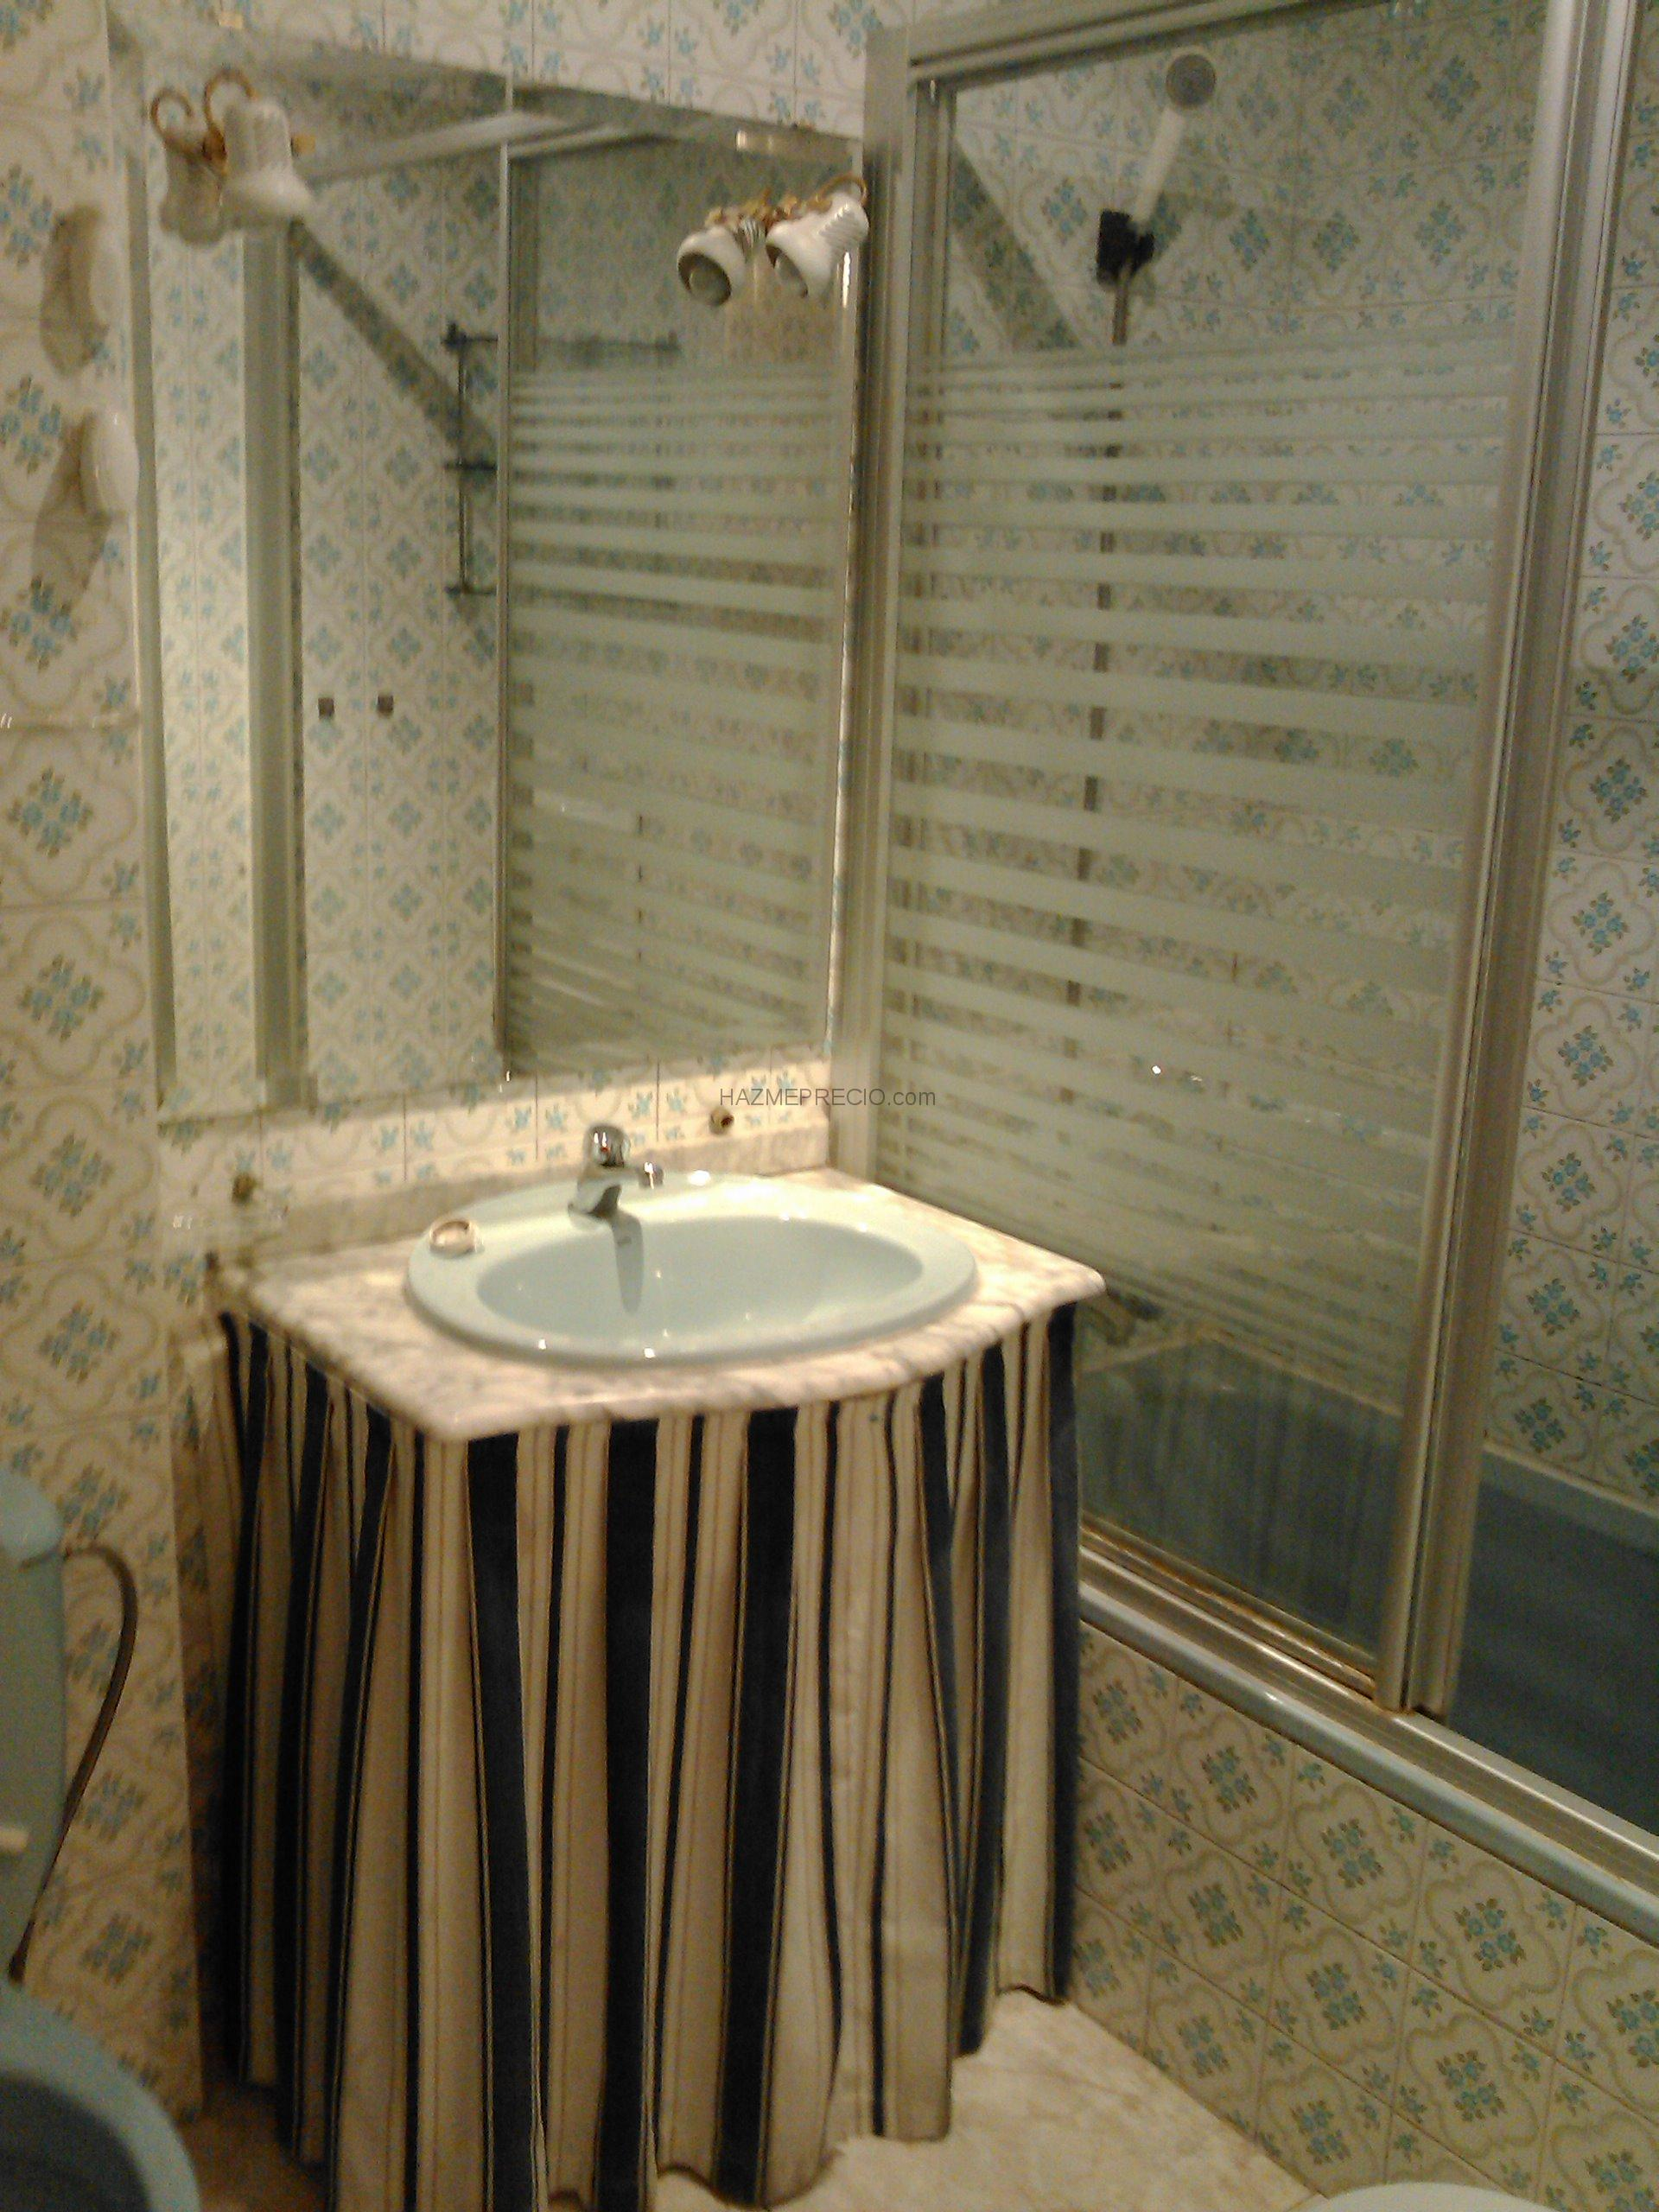 Reforma Integral Baño Presupuesto:Reforma baño en Alhaurín el Grande:foto antes de realizar el trabajo